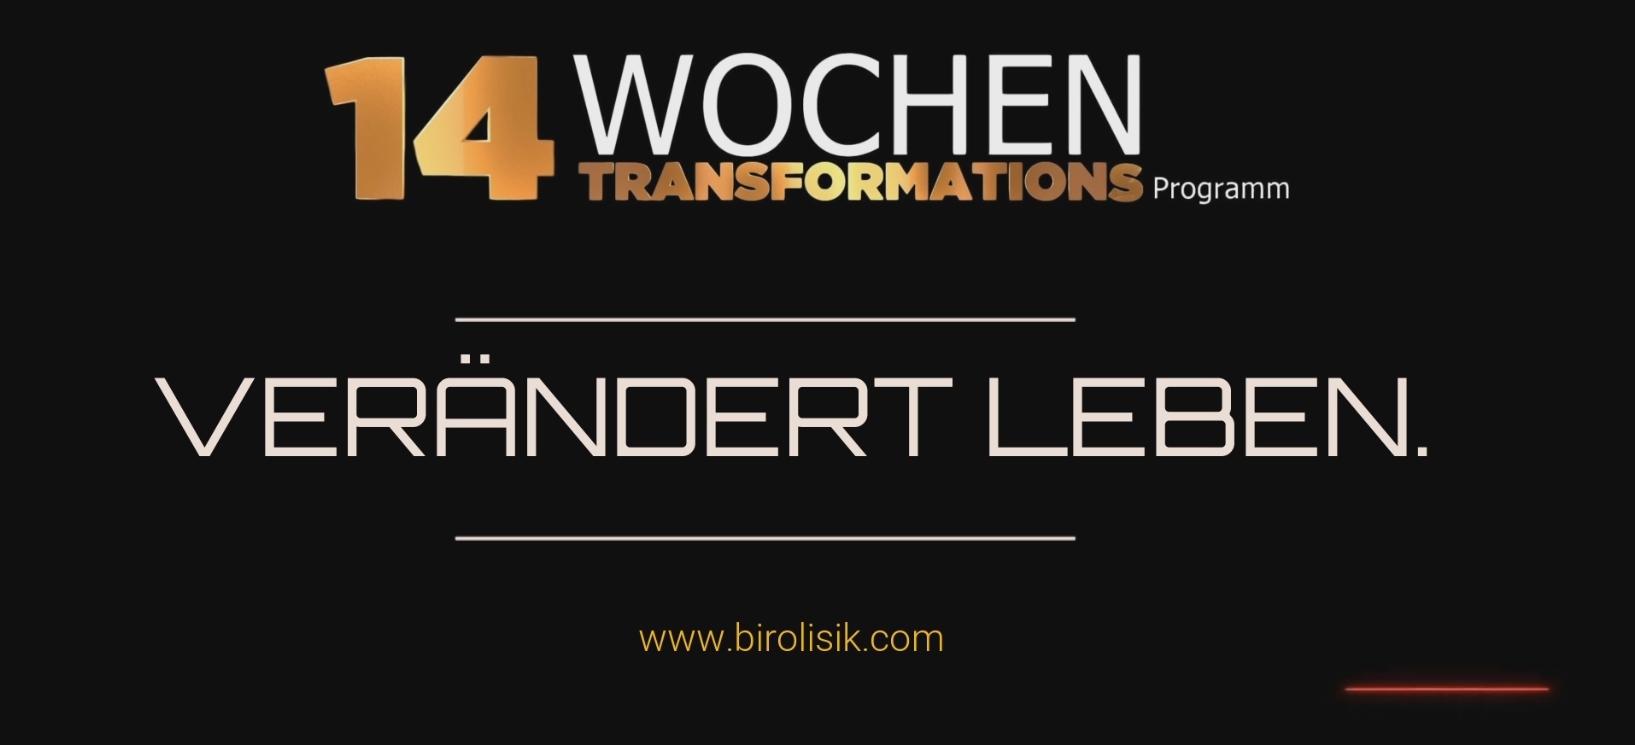 14 Wochen Transformationsprogramm